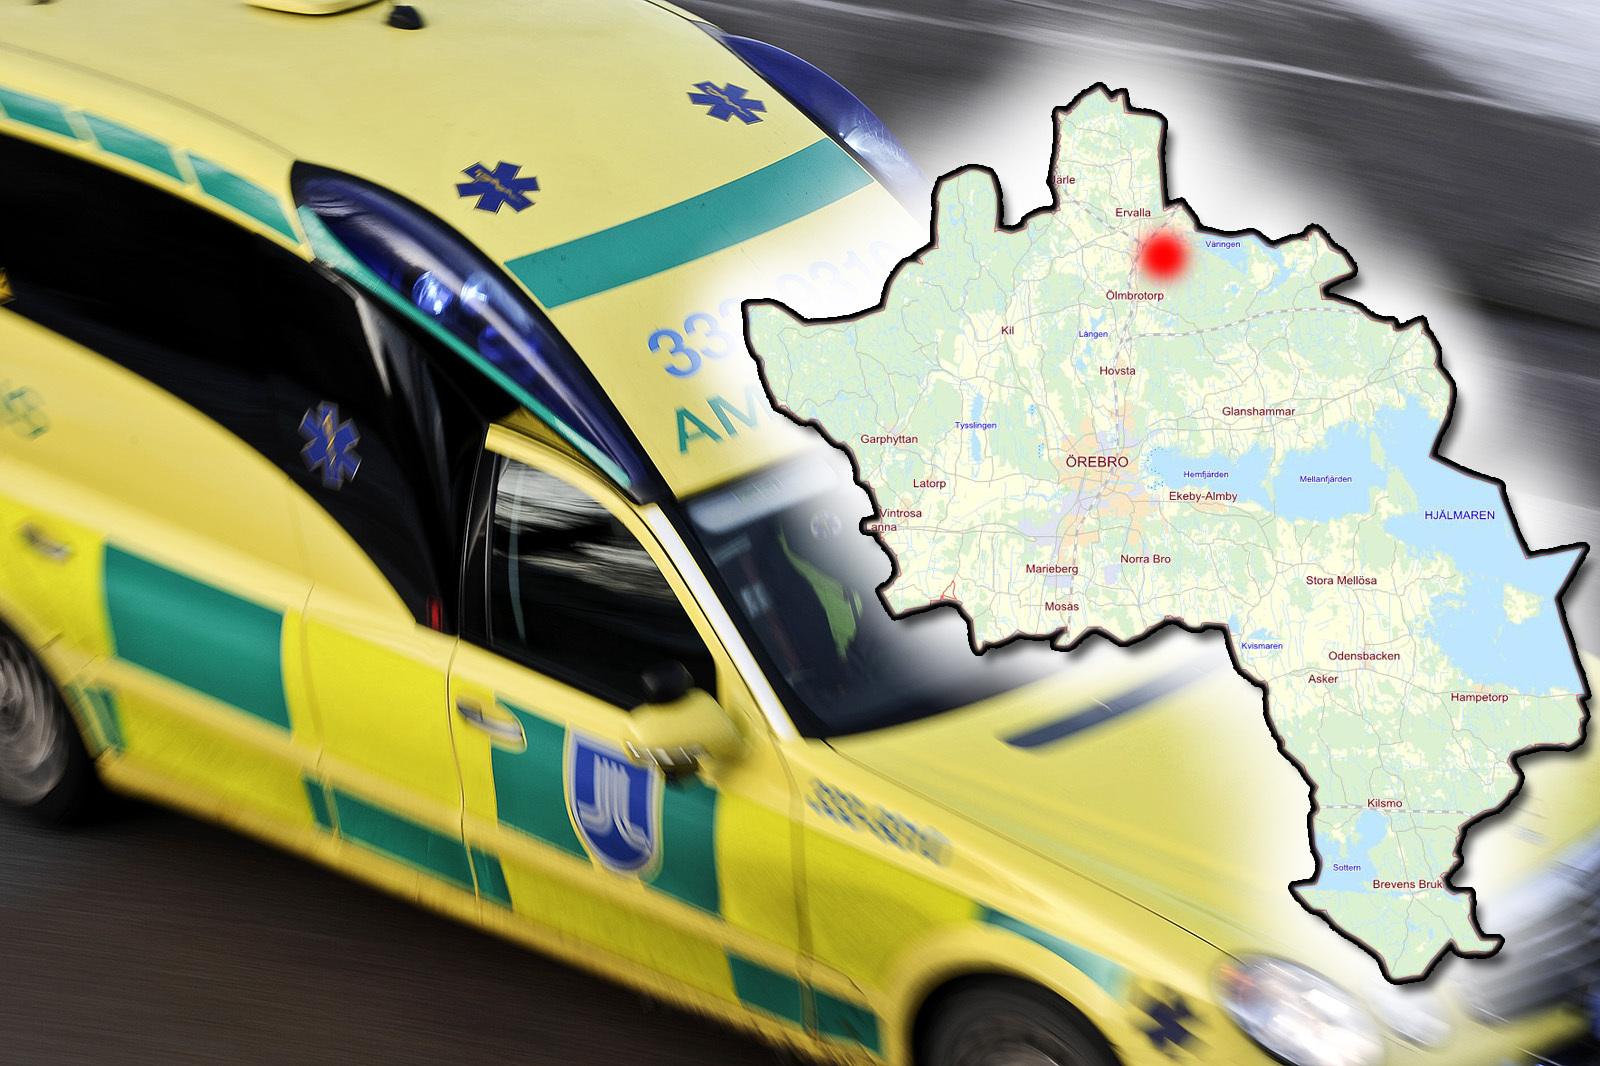 Klamdes fast i bil efter olycka